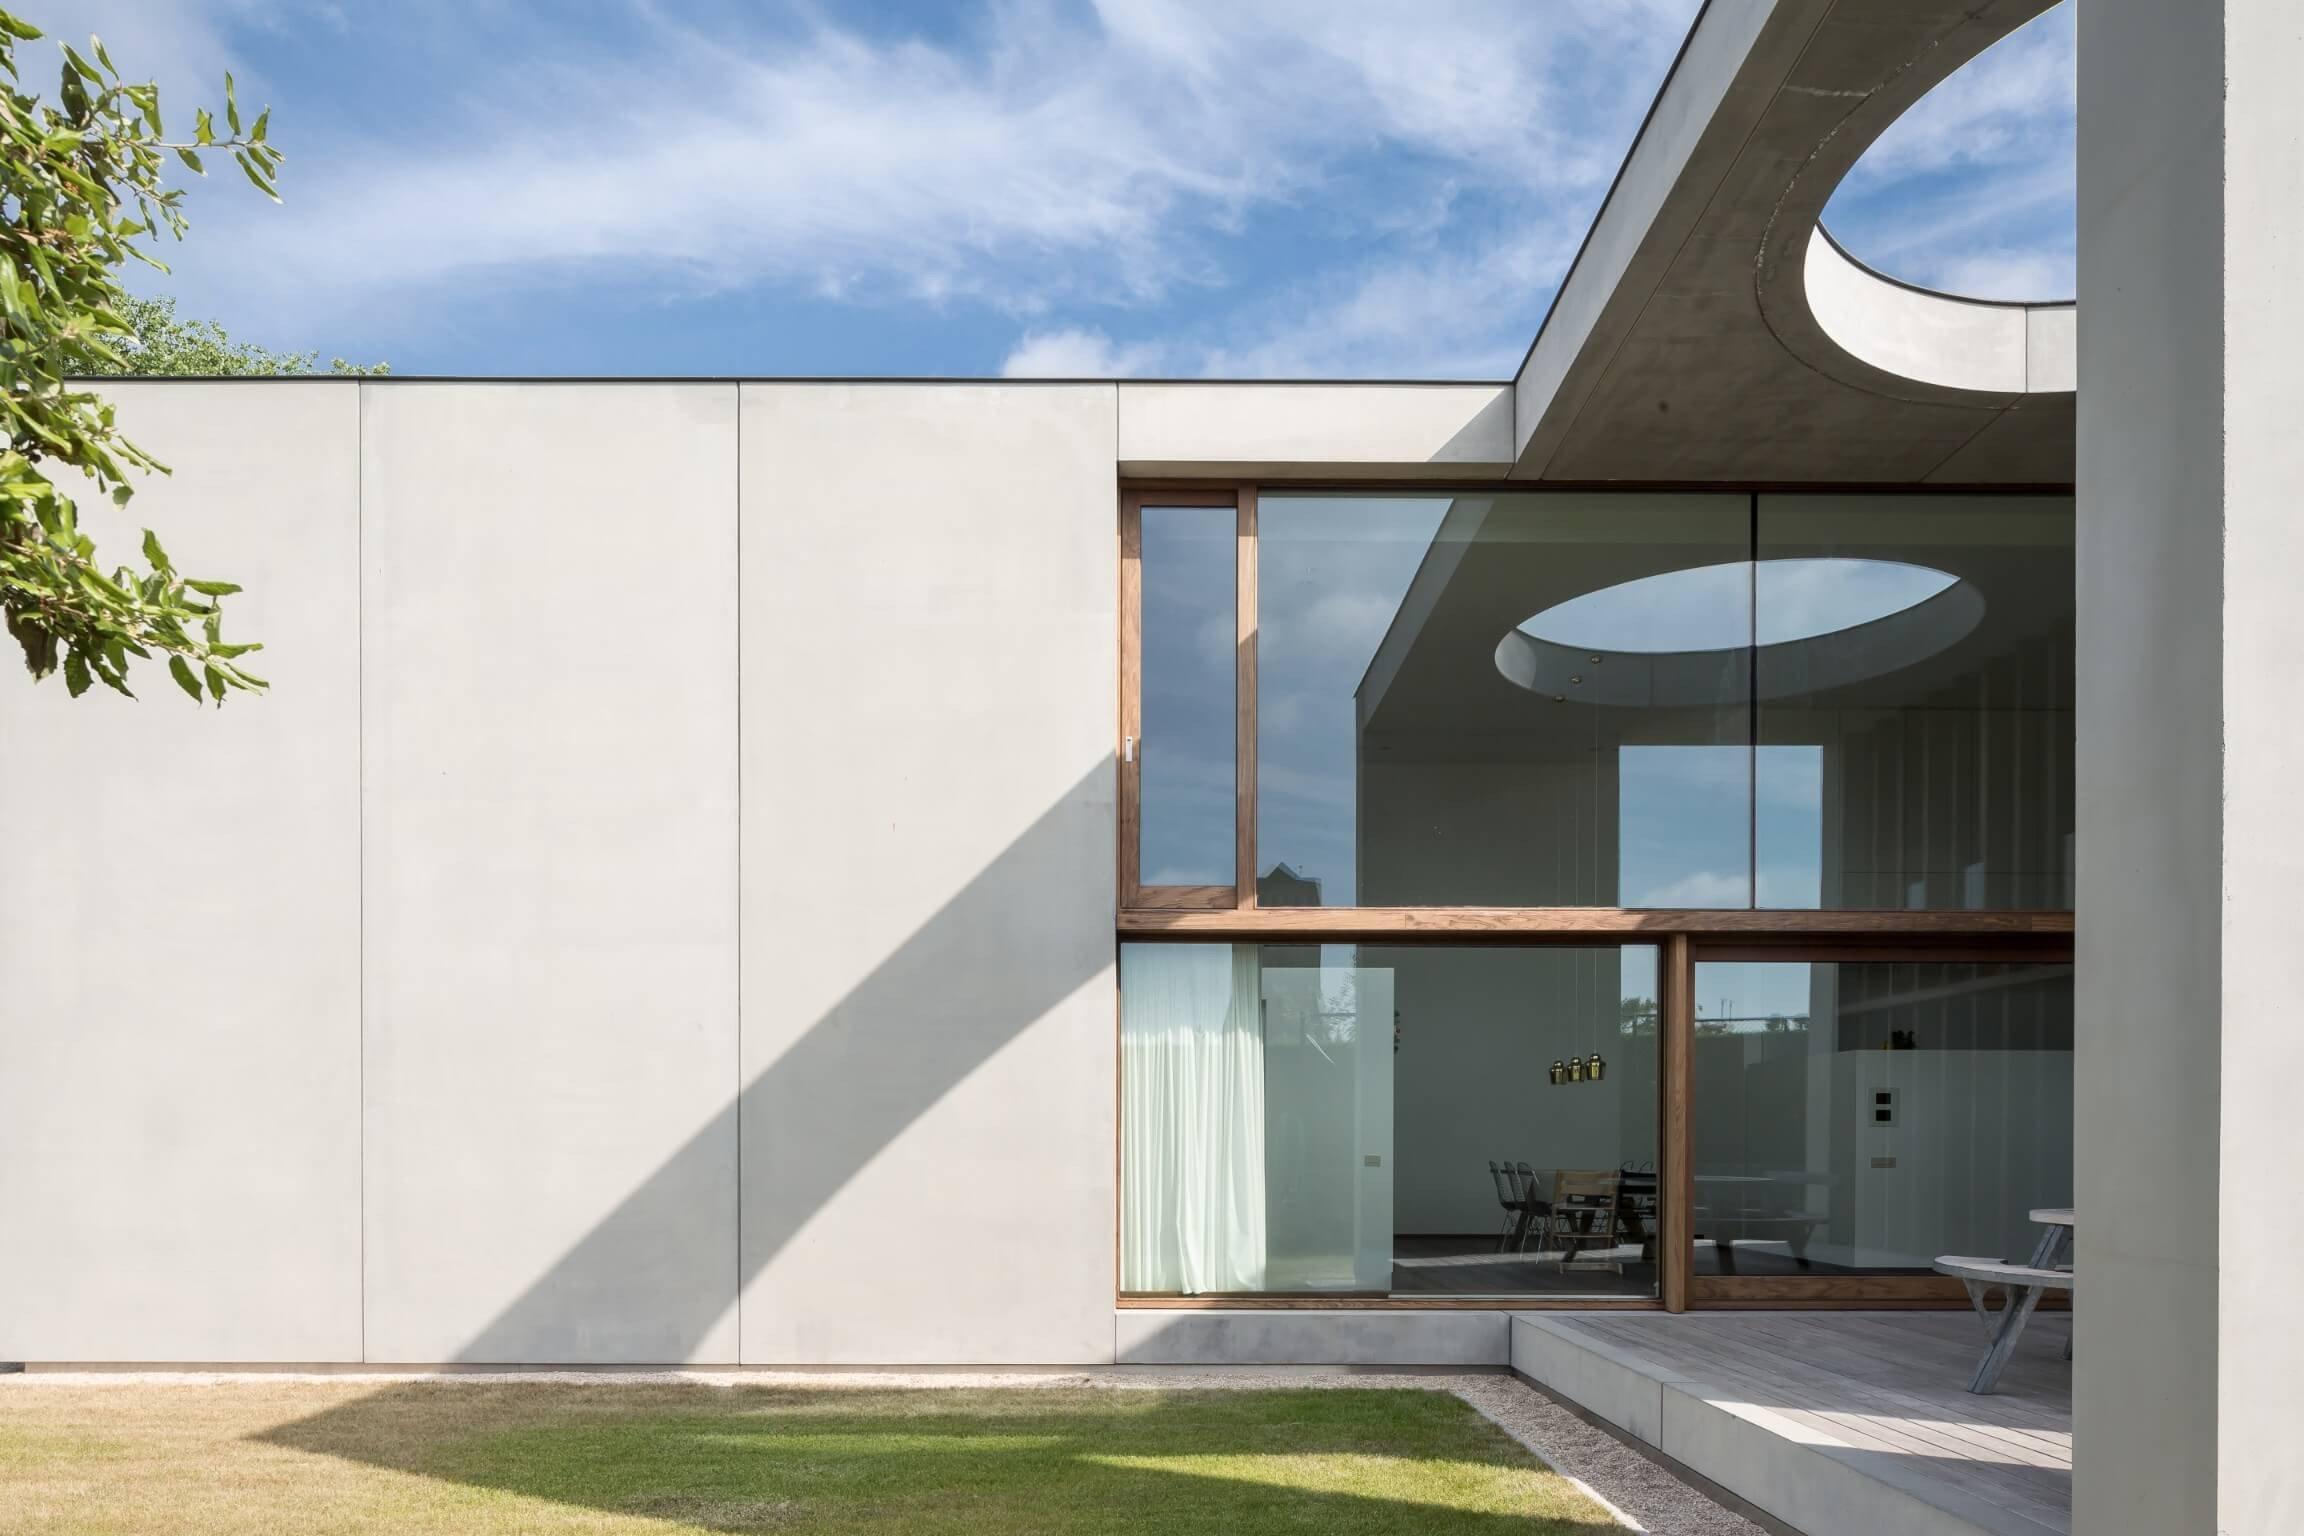 Rietveldprojects.be-HouseMC-villa-design-architectuur-kust33.jpg